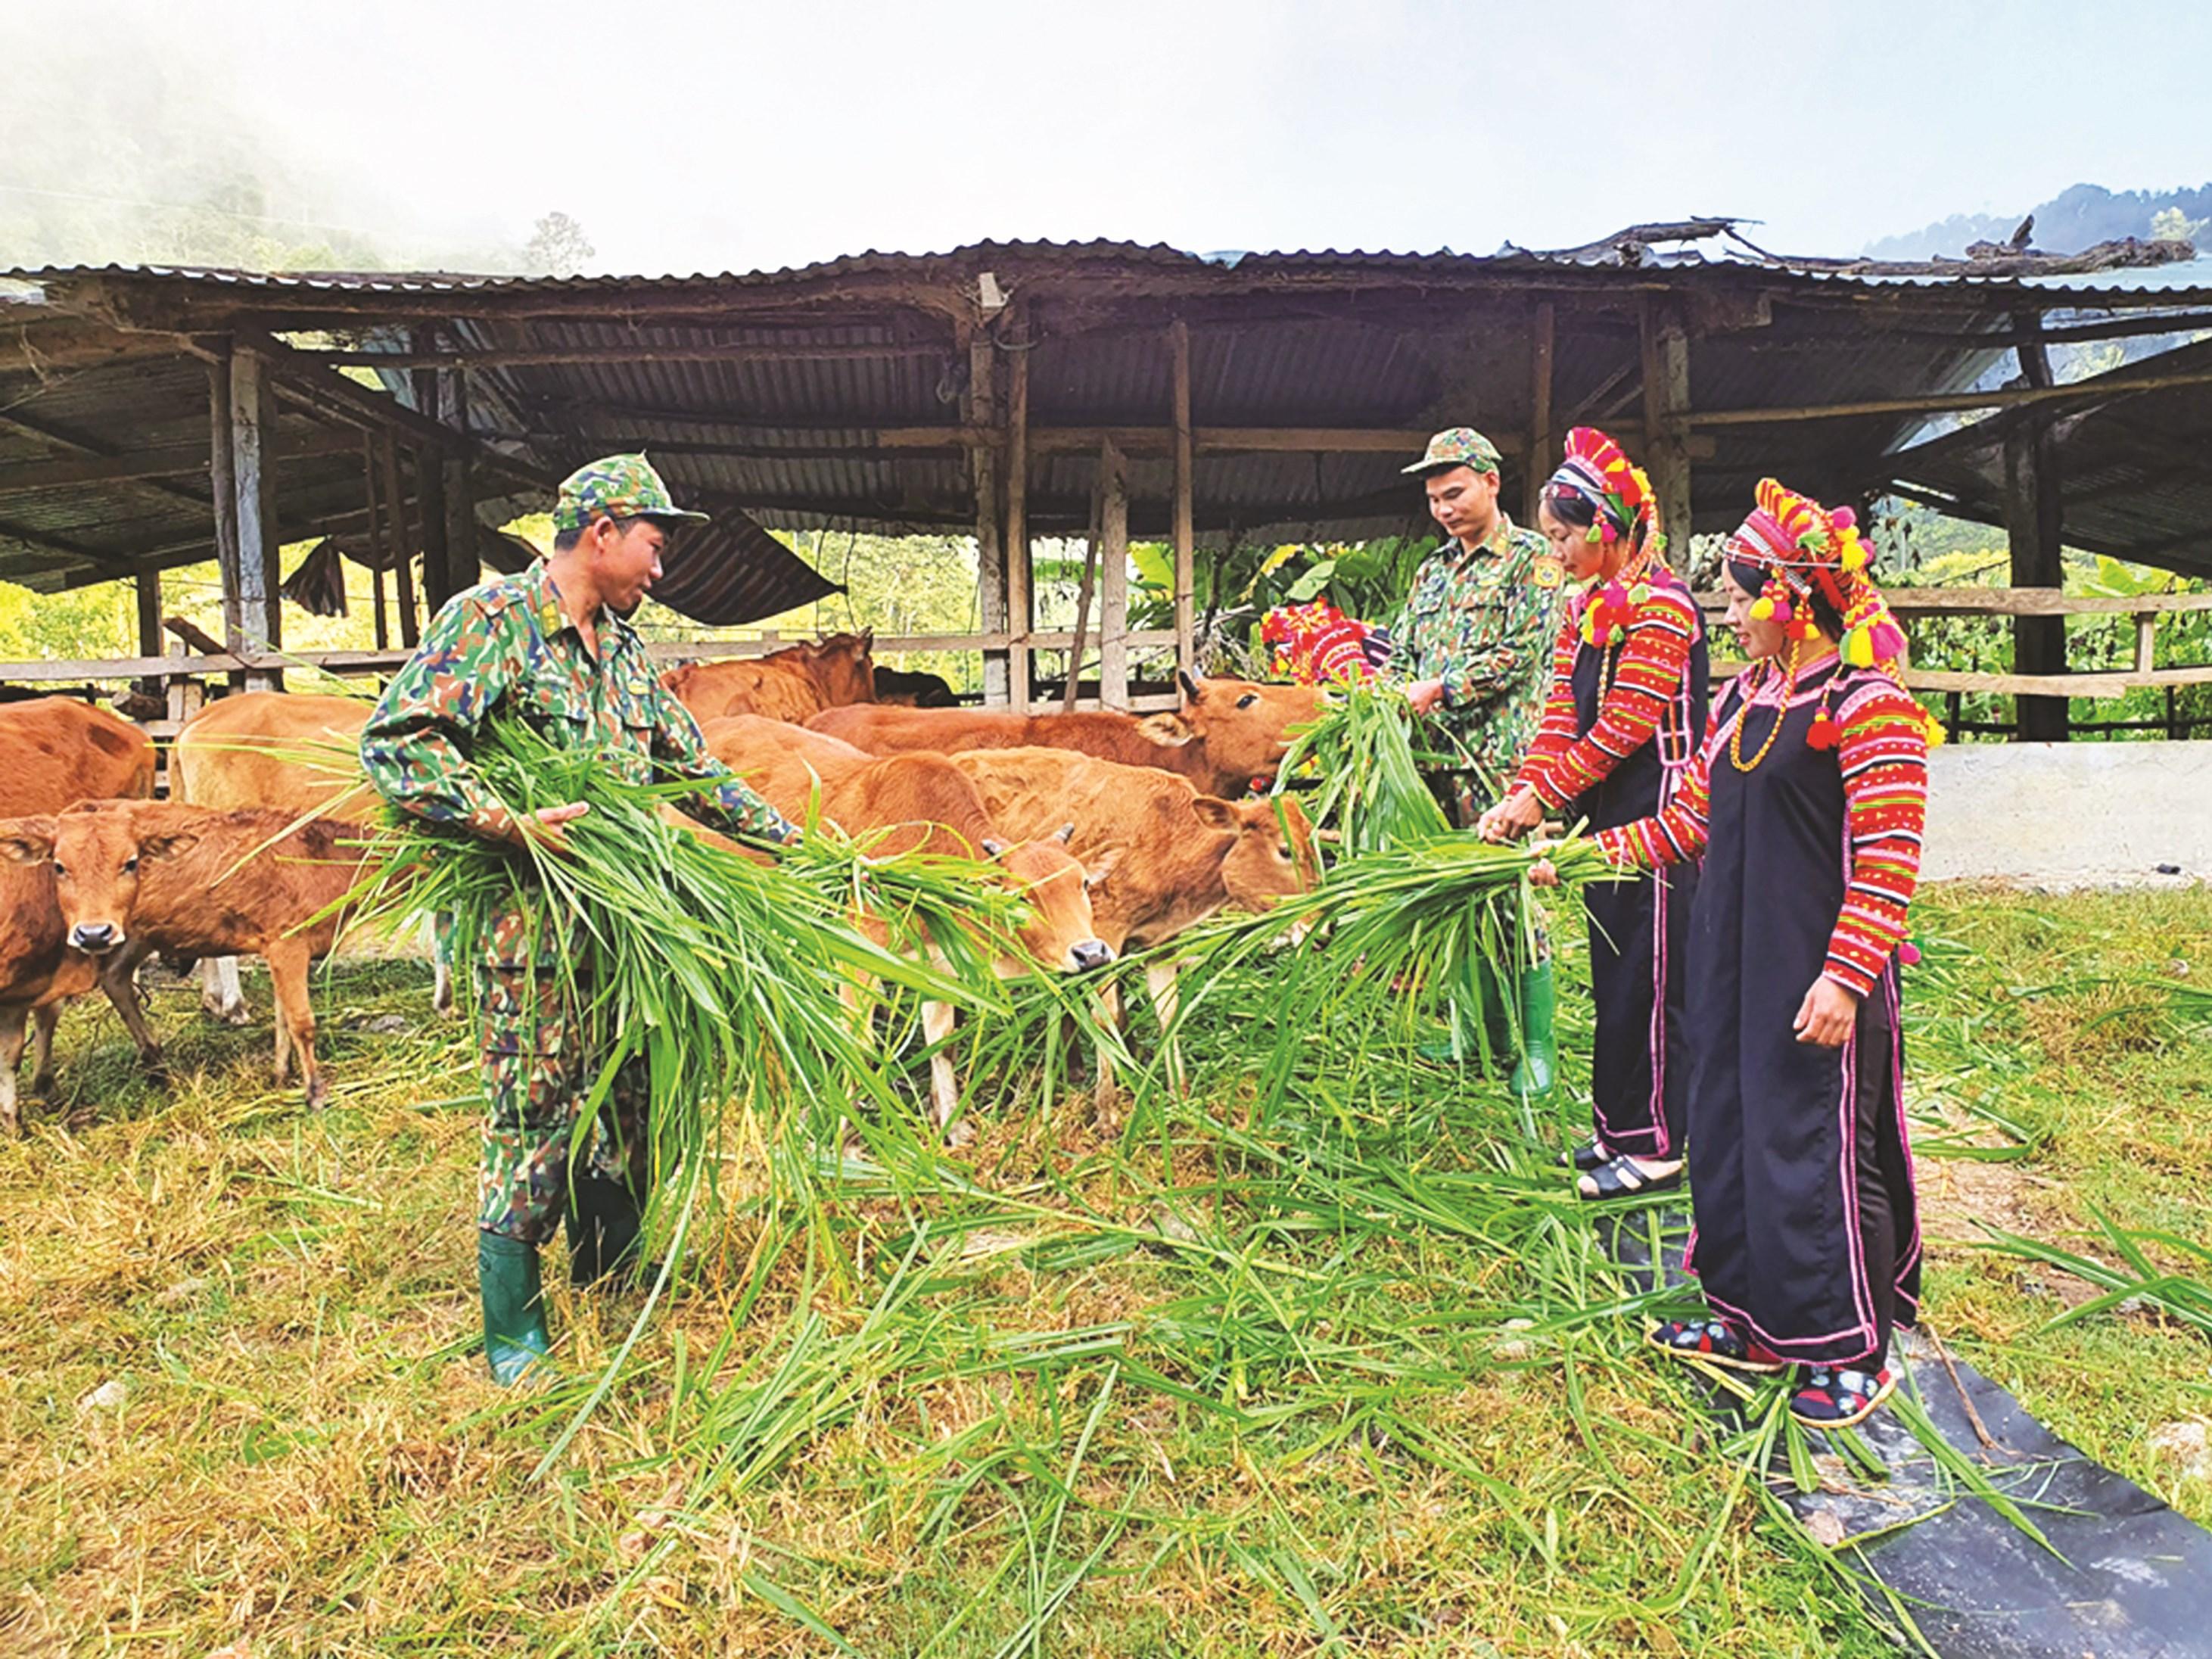 Bộ đội Biên phòng tỉnh Lai Châu hướng dẫn đồng bào La Hủ kỹ thuật chăn nuôi bò. Ảnh Phạm Kiên